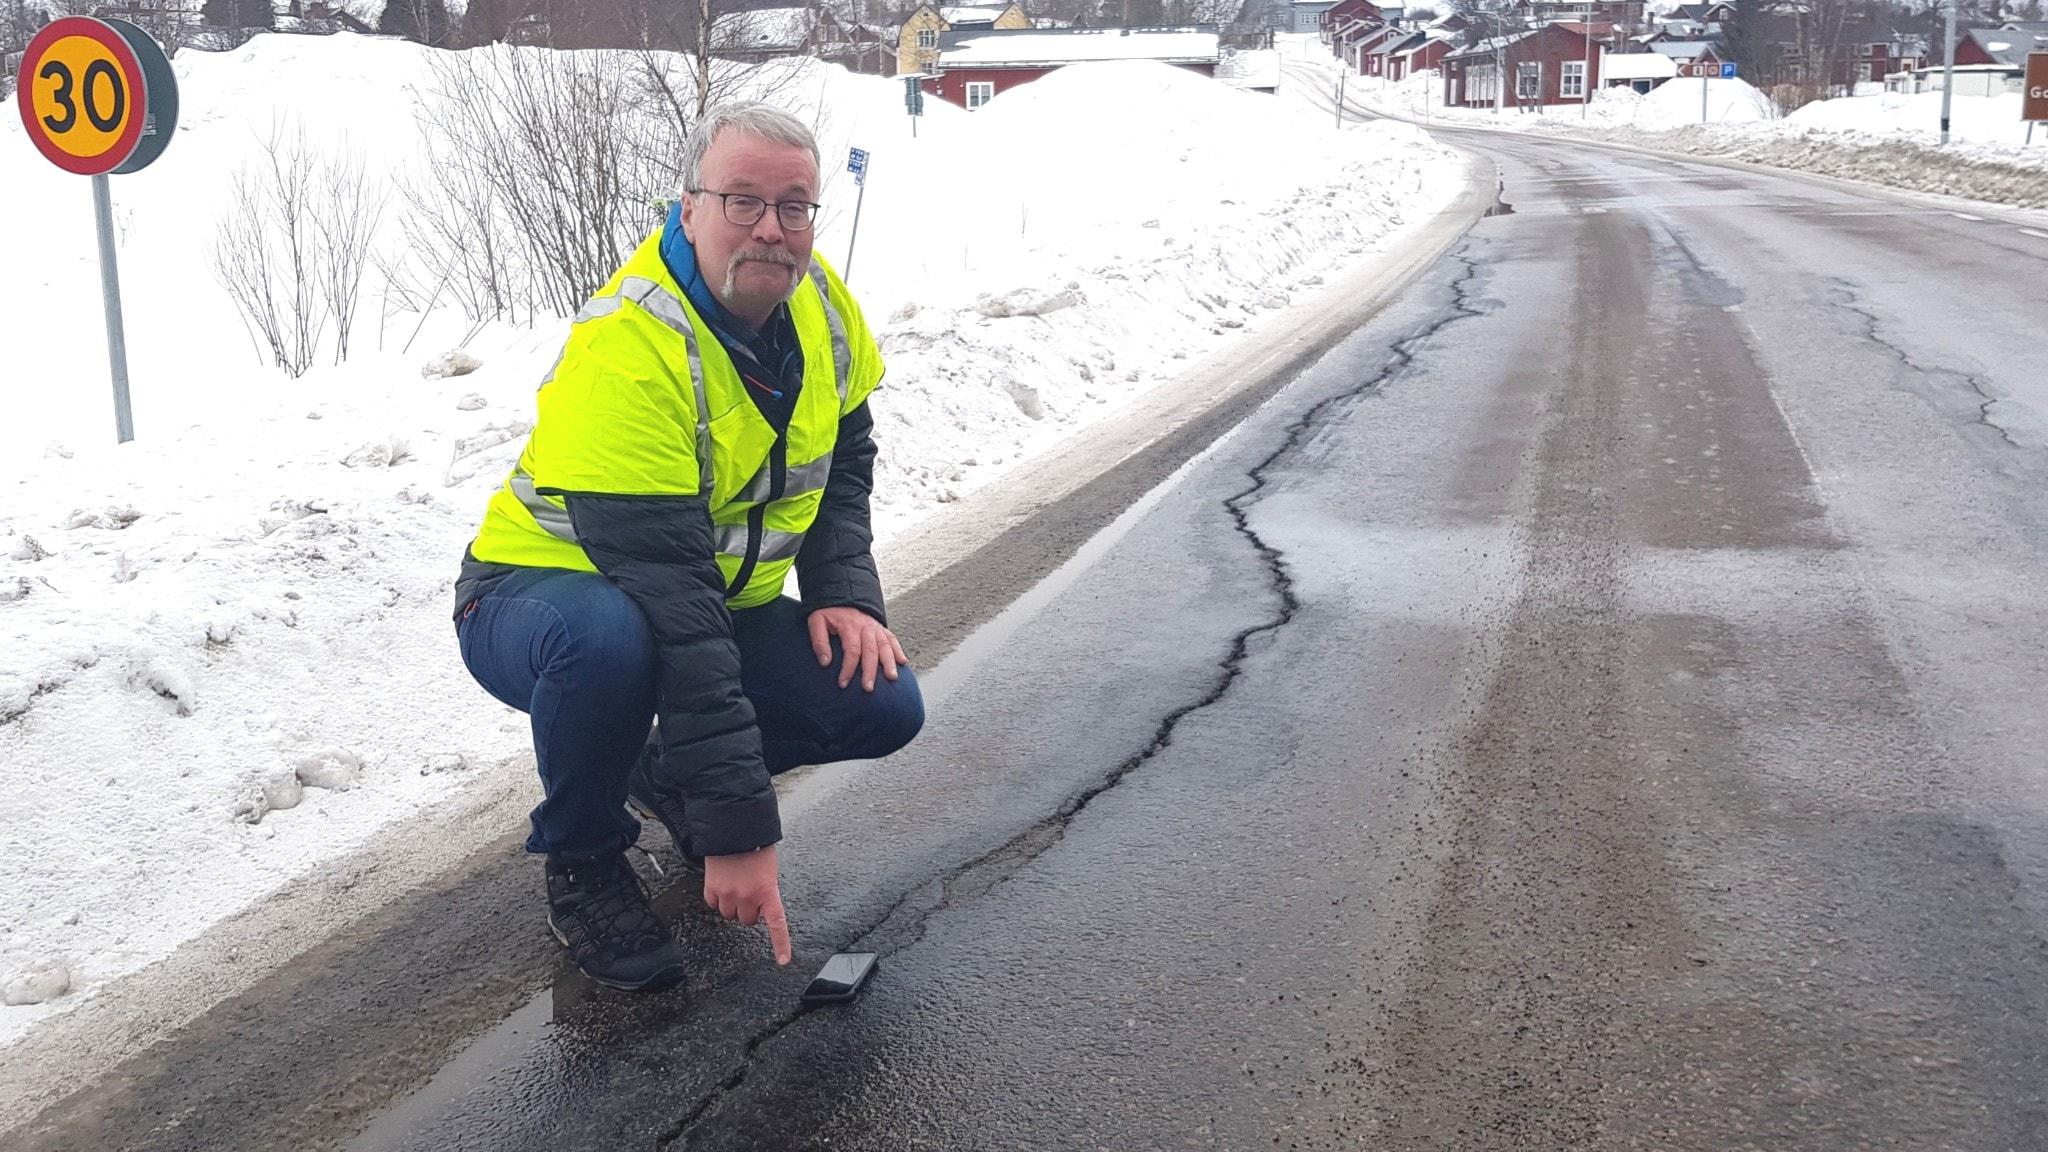 Johan Ullberg vid Trafikverket visar på en tjälspricka i asfalten.